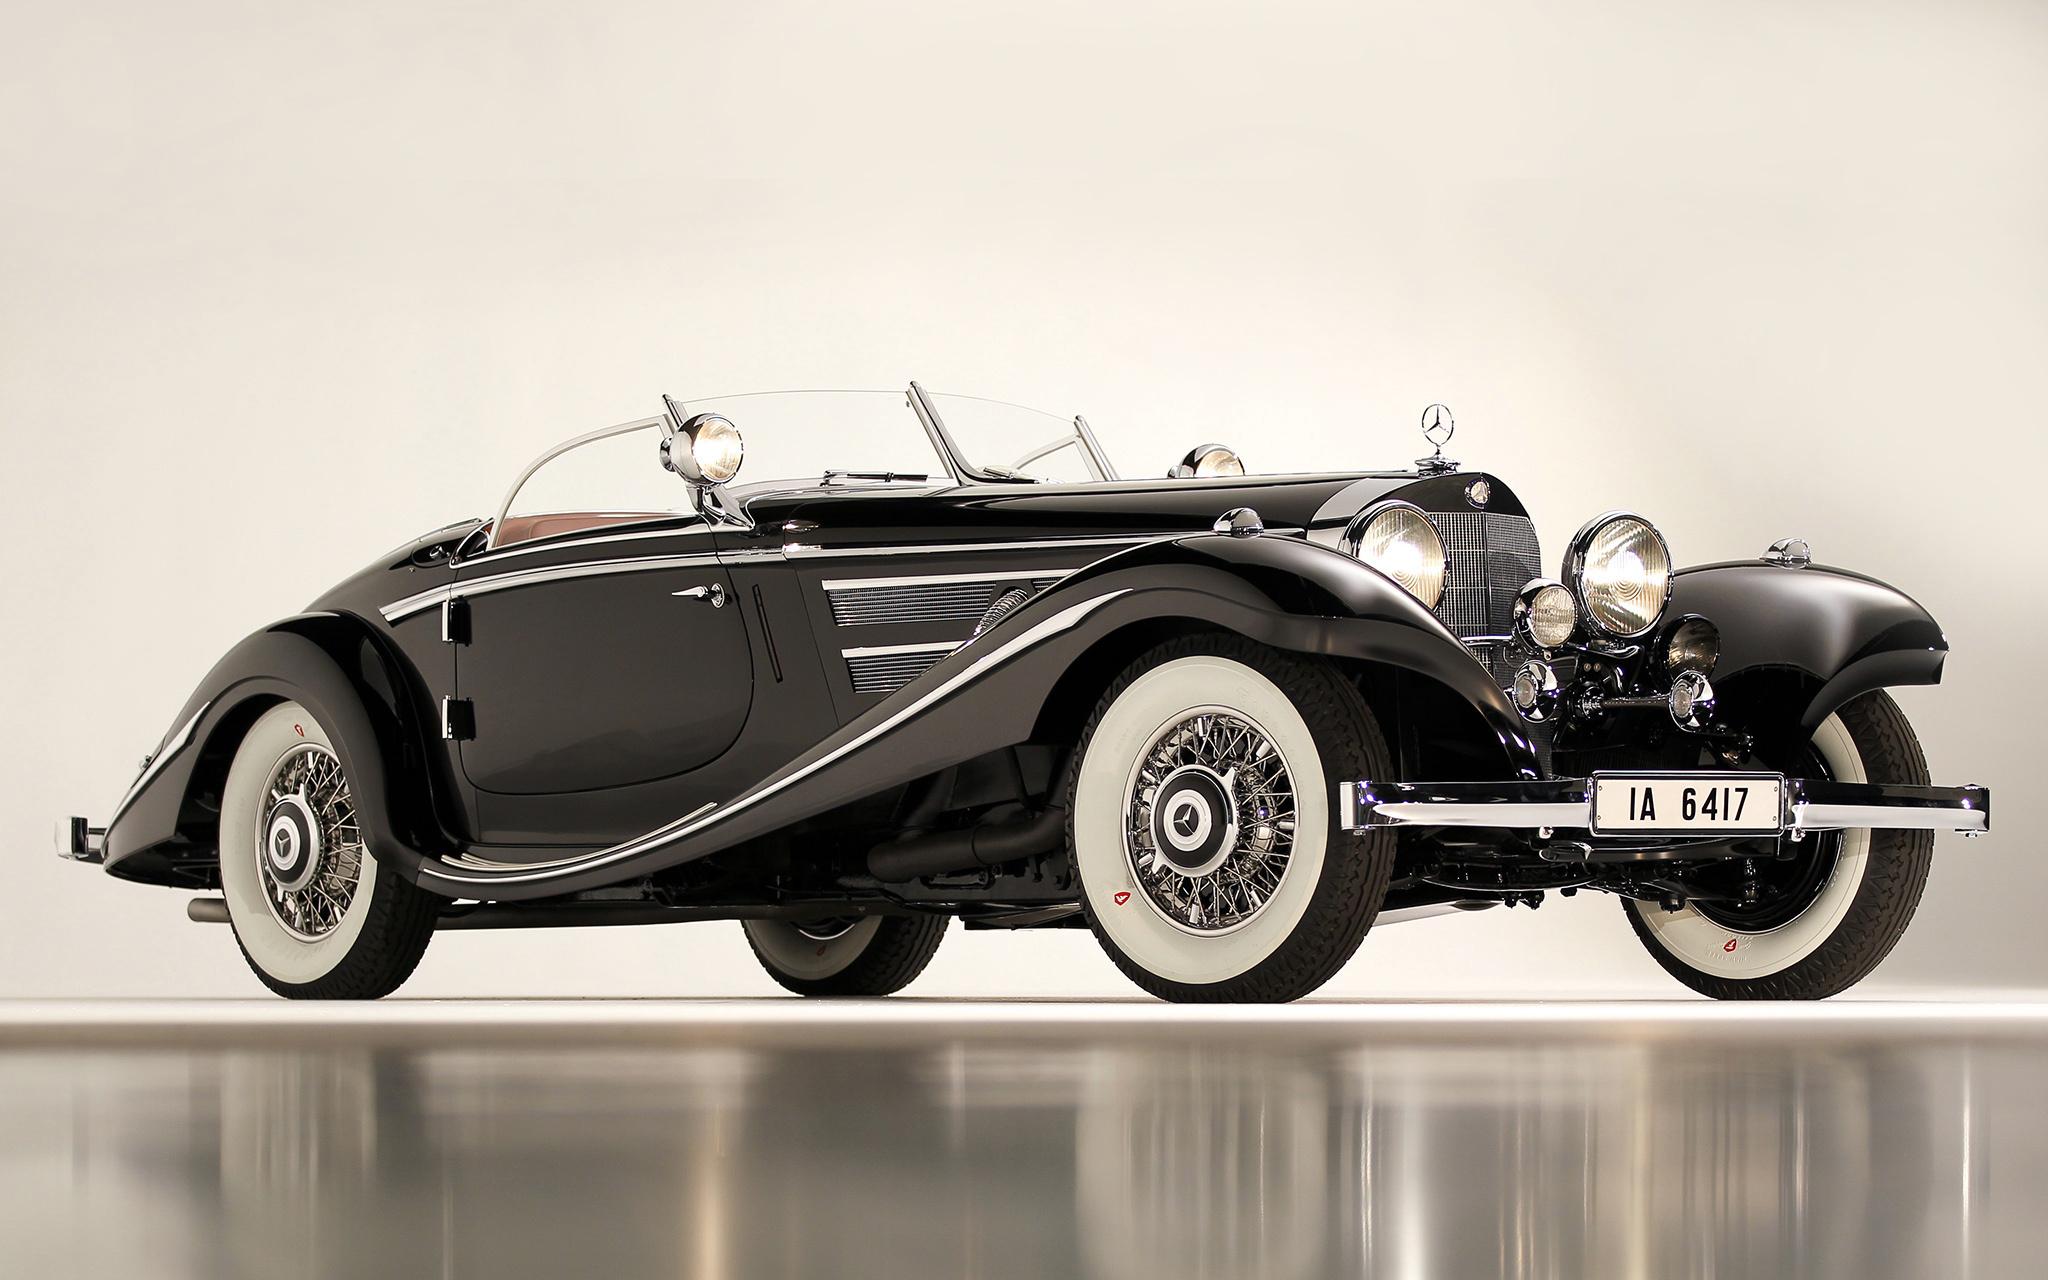 153046 Lade kostenlos Schwarz Hintergrundbilder für dein Handy herunter, Auto, Mercedes, Cars, Wagen, Das Schwarze, Klassisch, Klassik, 1936, 540K, Spezieller Roadster, Spezial-Roadster Schwarz Bilder und Bildschirmschoner für dein Handy